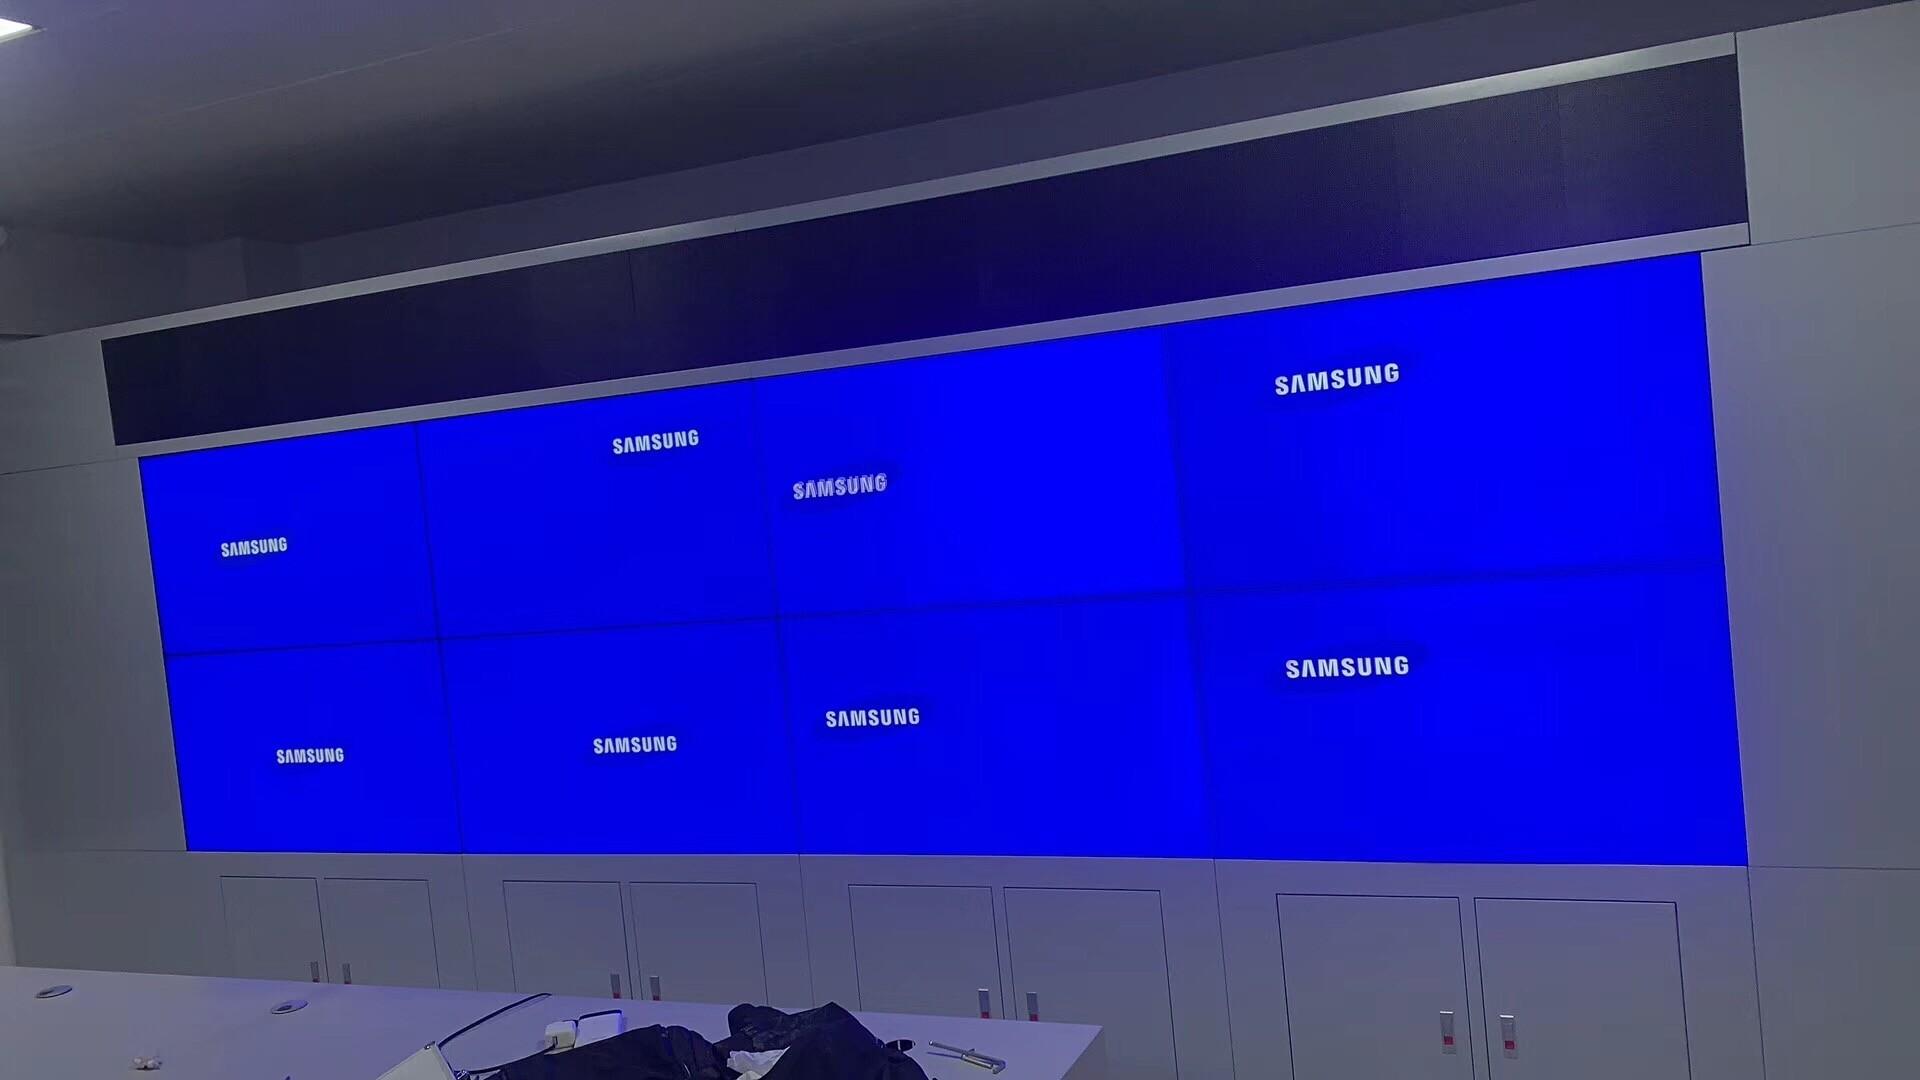 三星55寸液晶电视_三星55寸1.7mm拼缝液晶拼接屏数字展厅电视墙/视频会议/监控